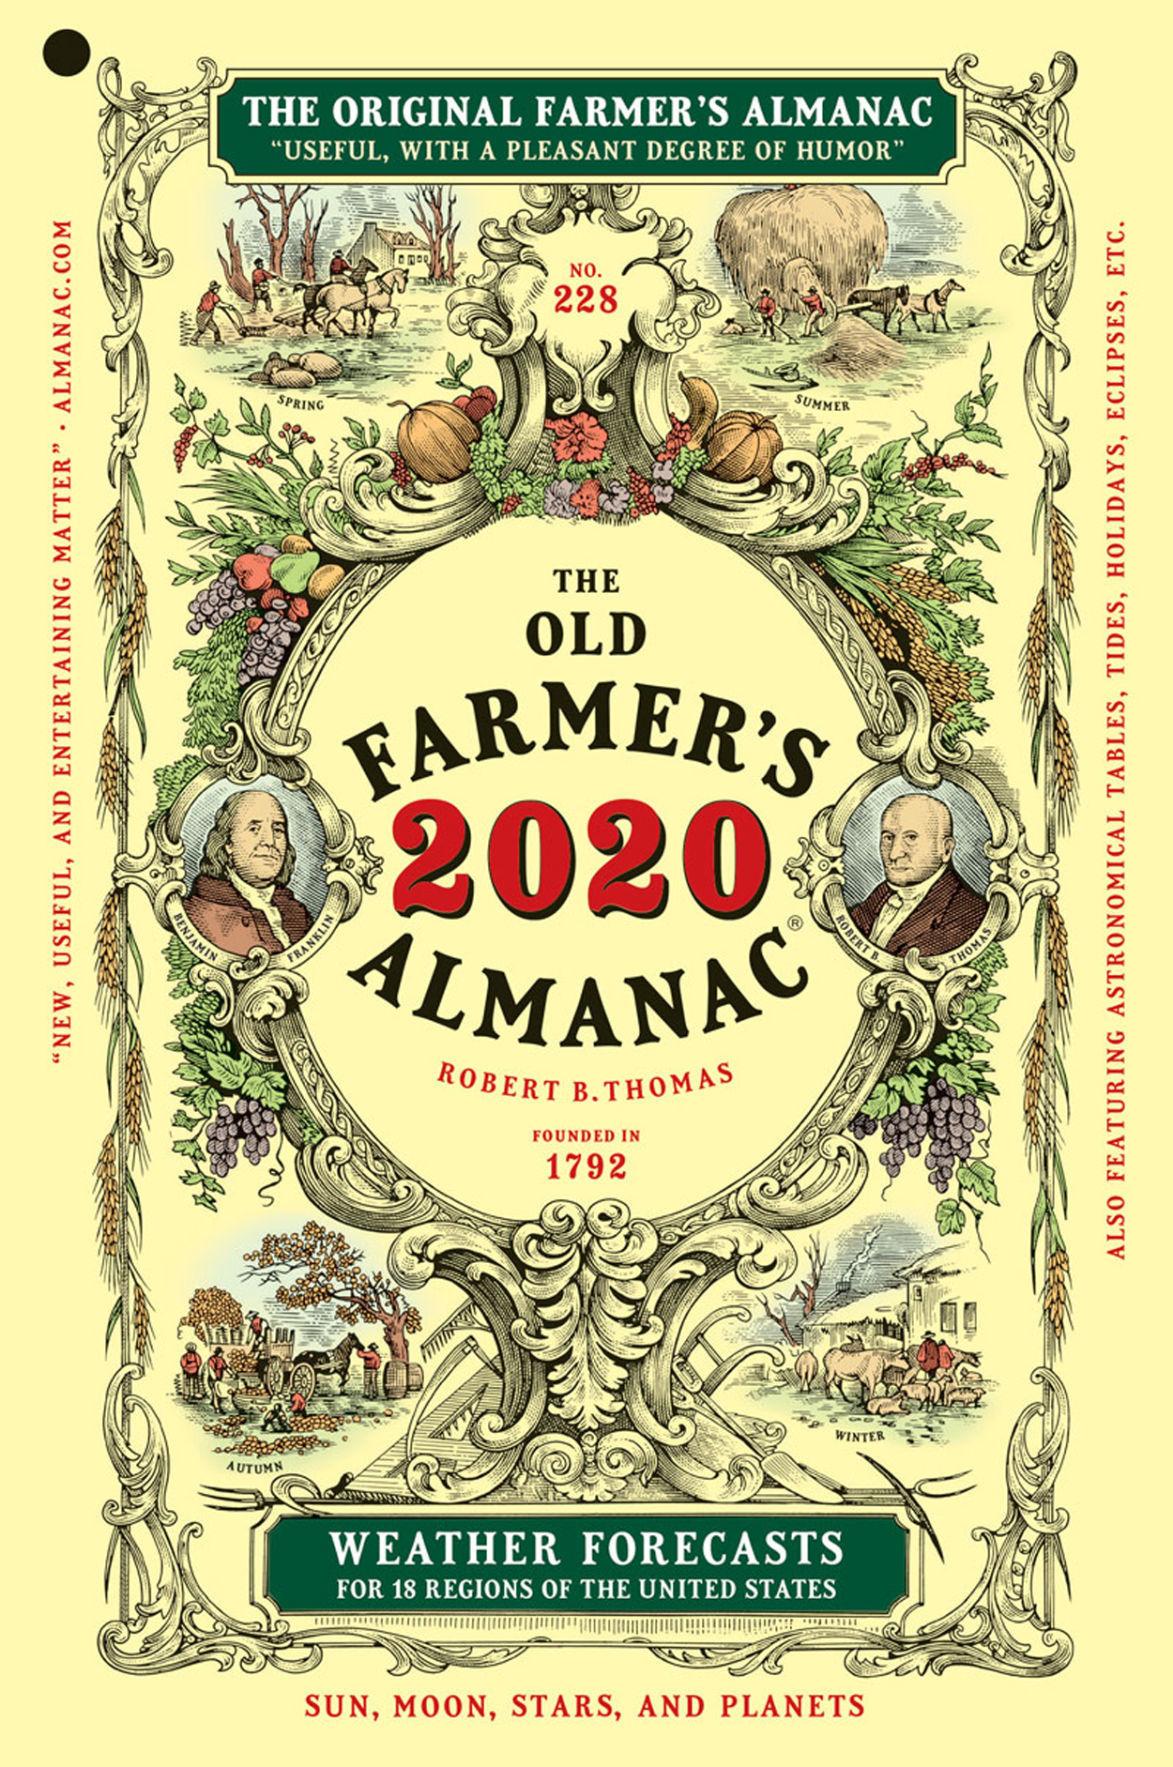 old almanac 2020 cover.jpg